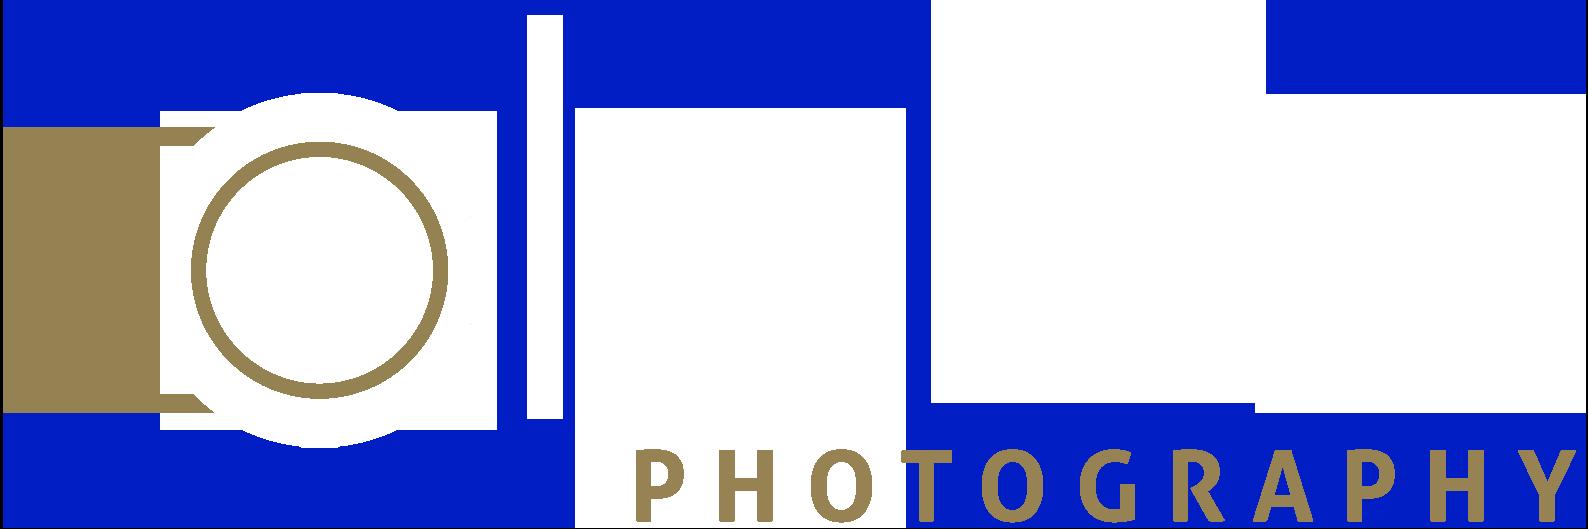 Alpha Photography